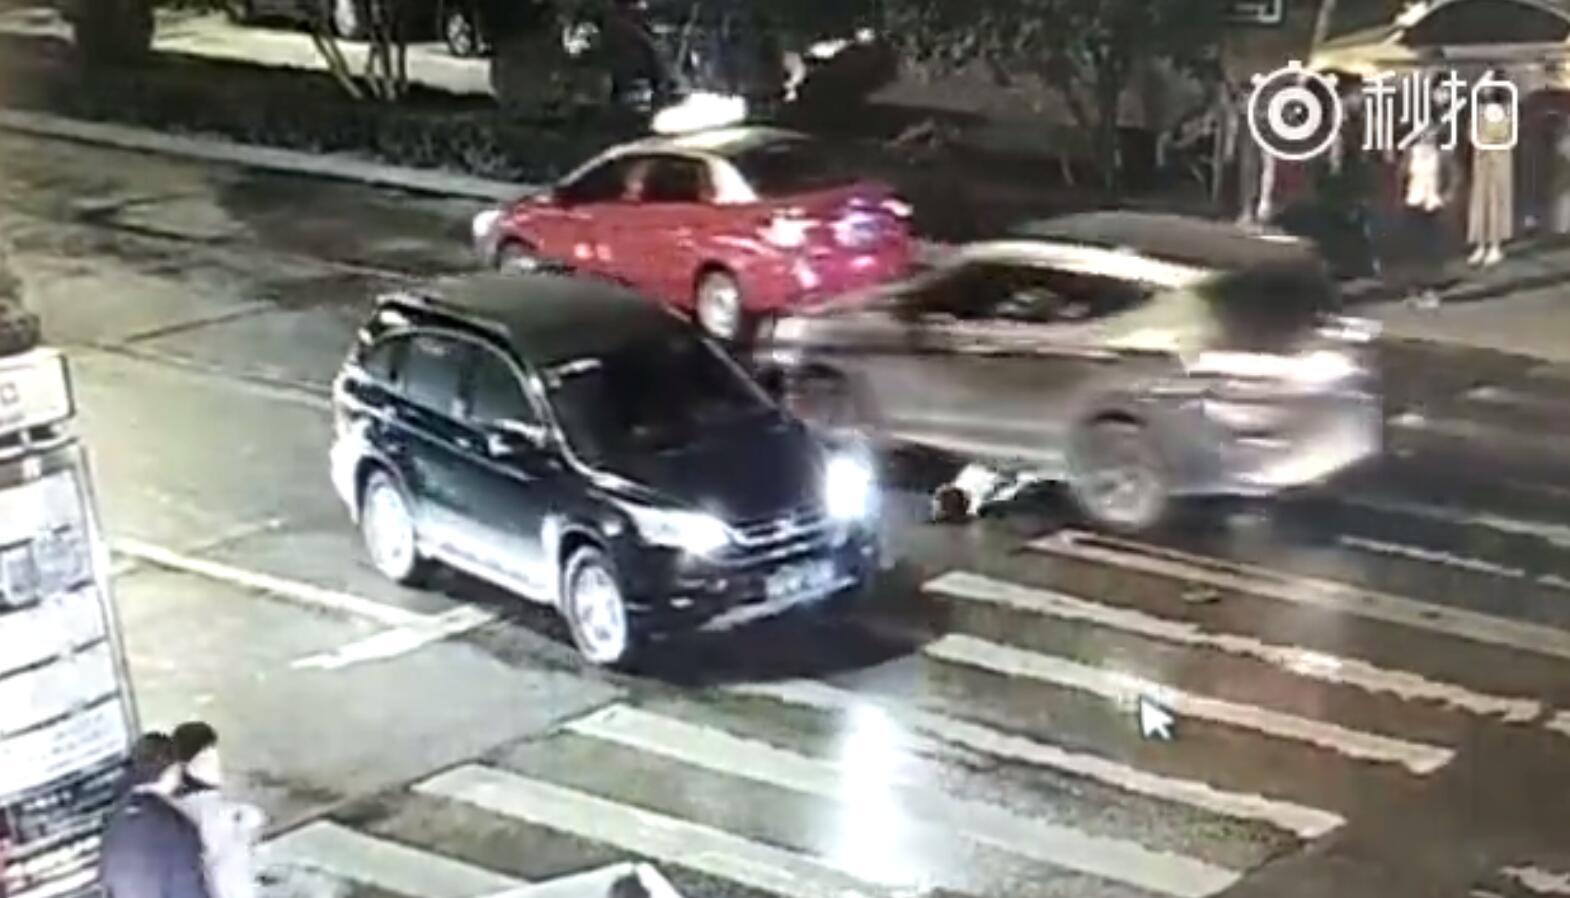 女子被撞飞遭二次碾压全过程惨烈视频,女子闯红灯吗为什么没人救